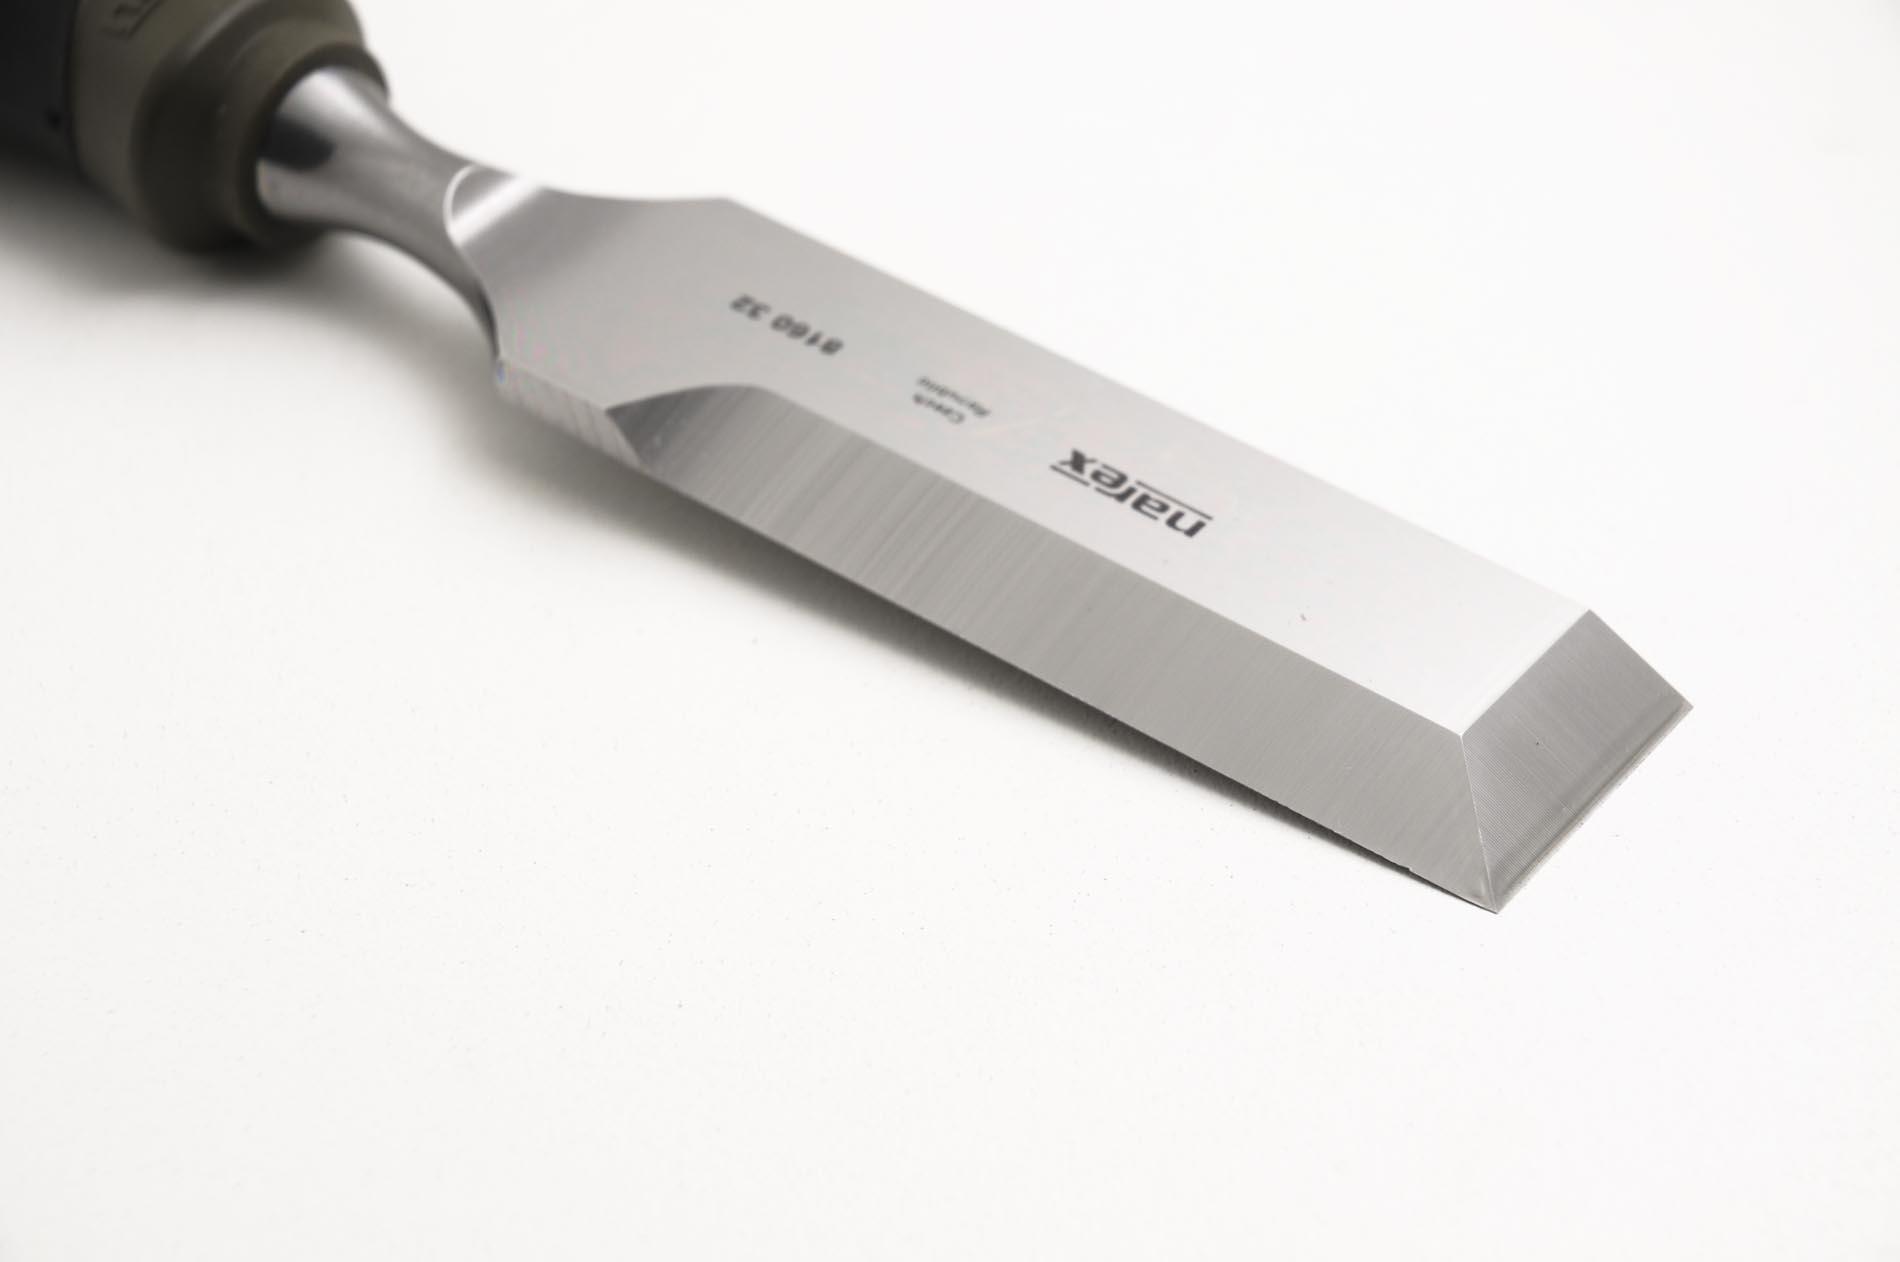 816032-Formon 32mm dos filos para drywal, multi proposito Narex 816032-max-1.